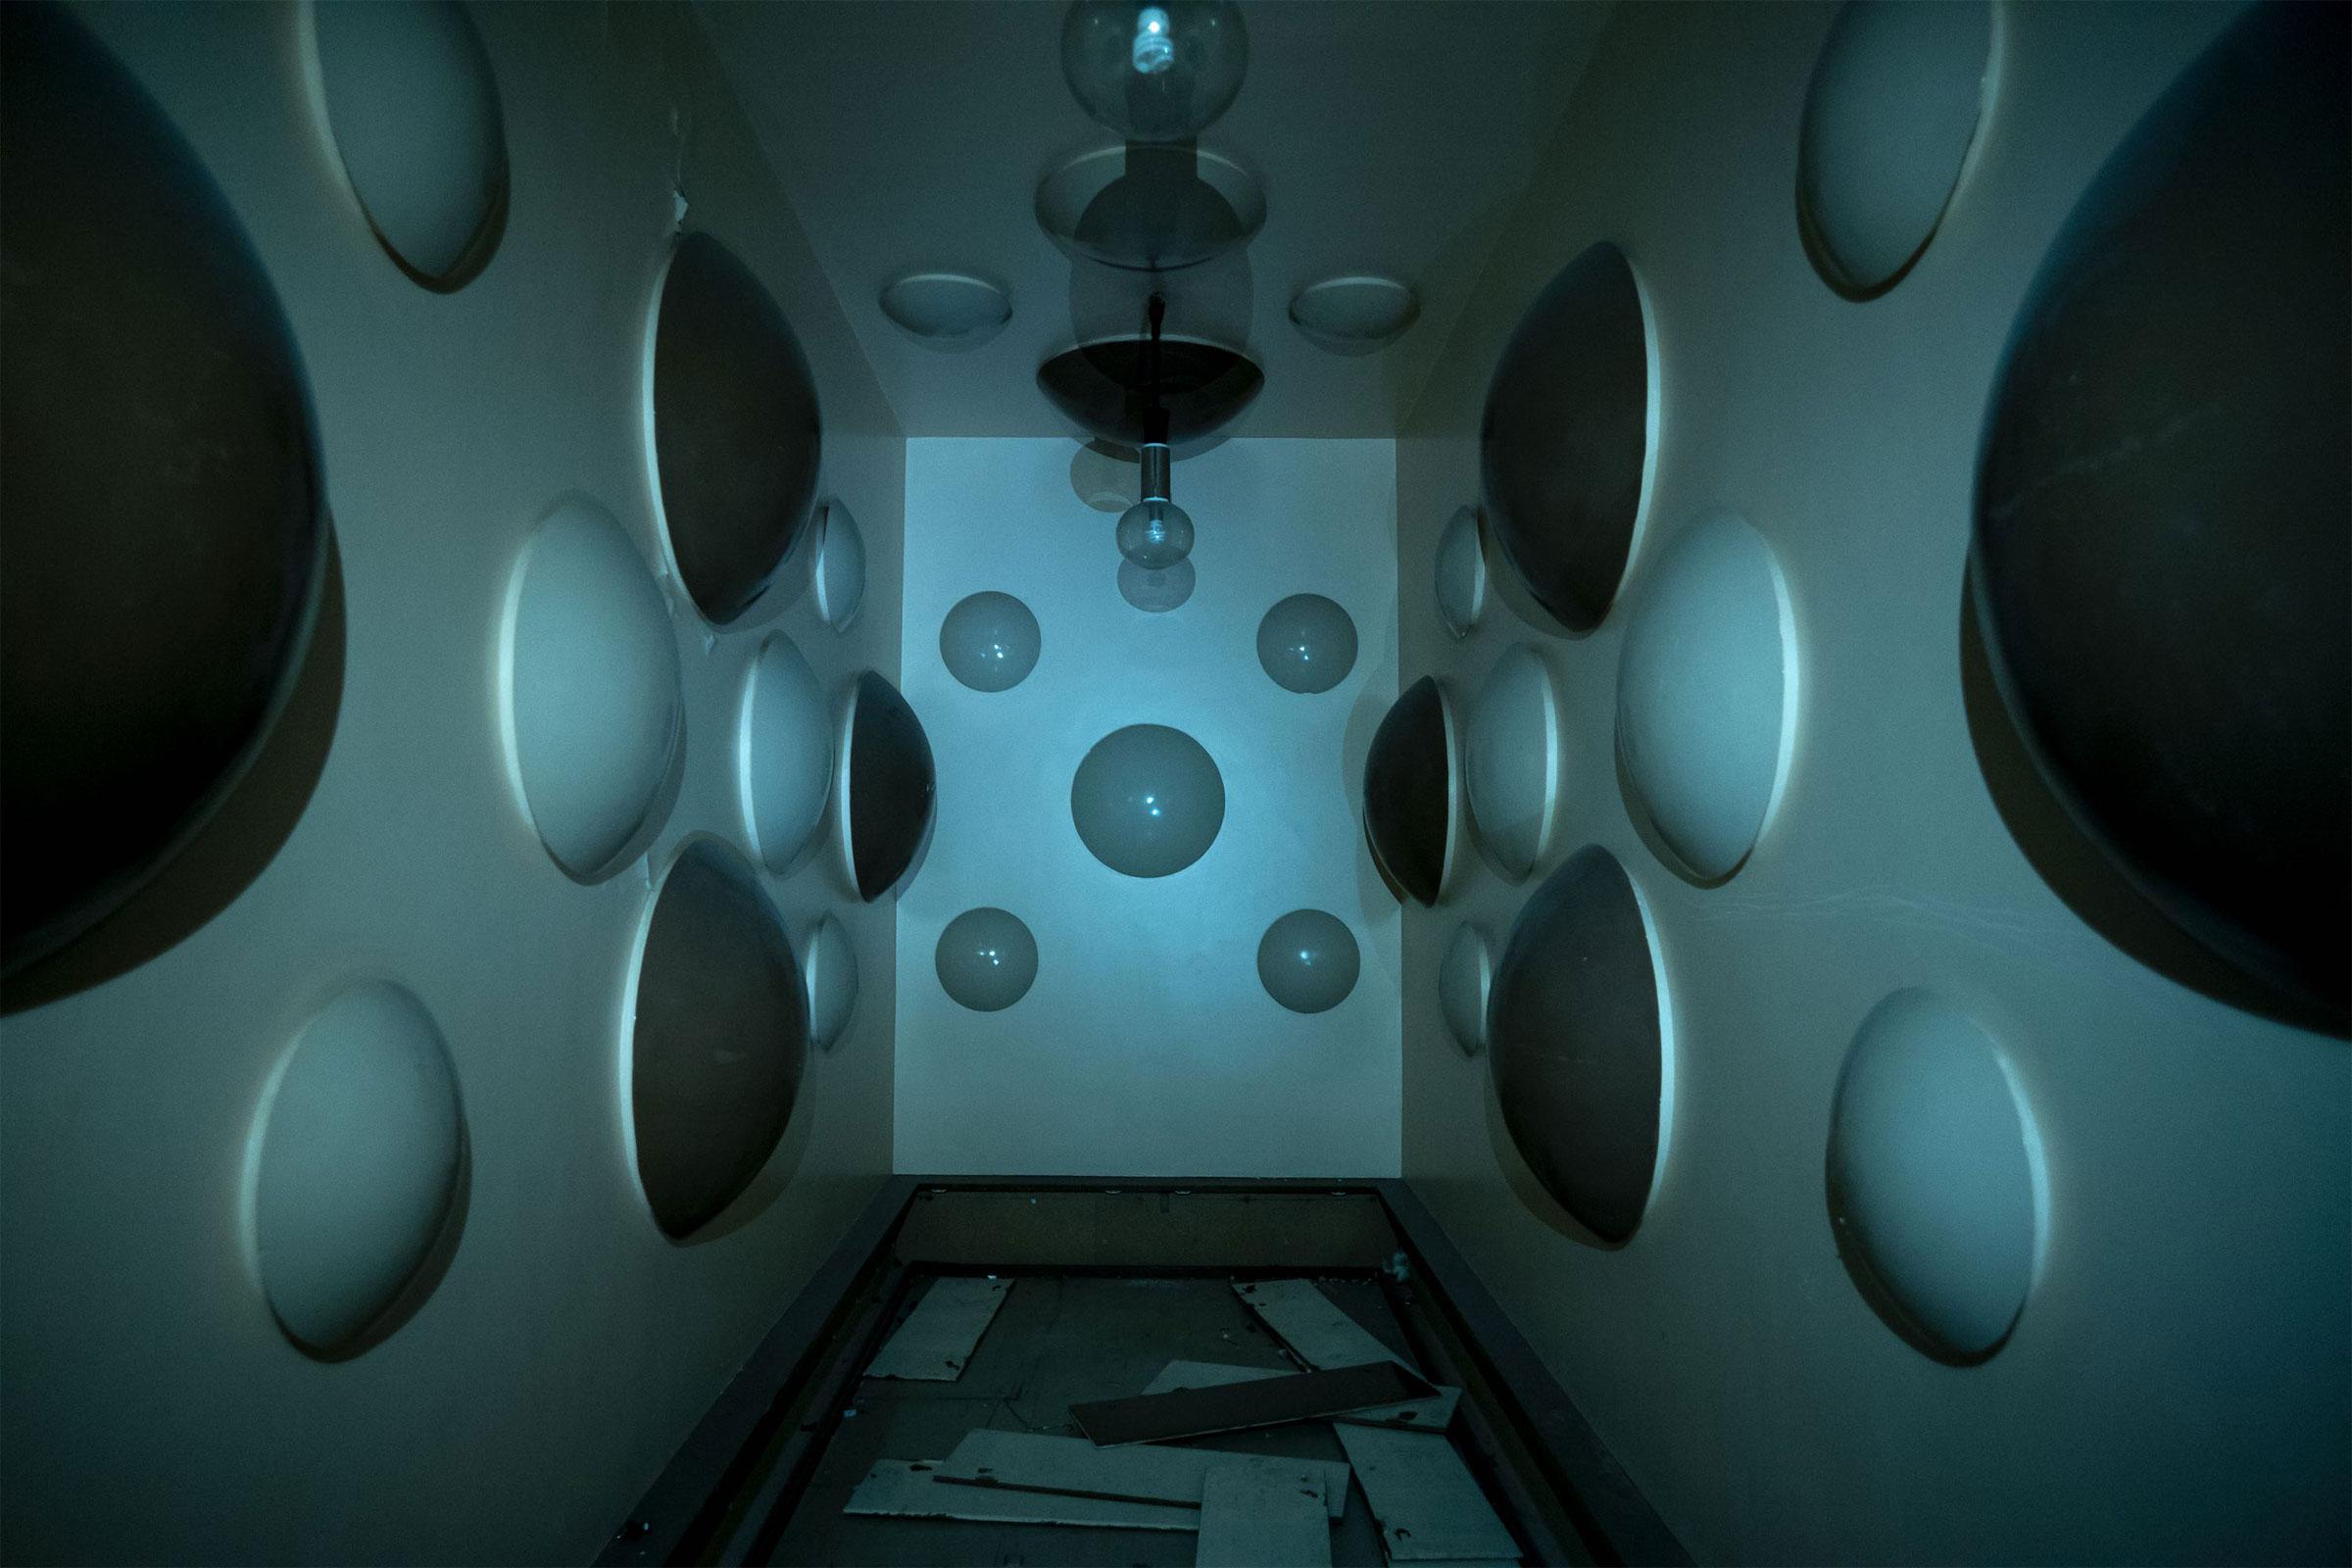 Salle de réverbération du studio 115 durant les travaux de réhabilitation / C. Abramowitz. Photothèque de Radio France